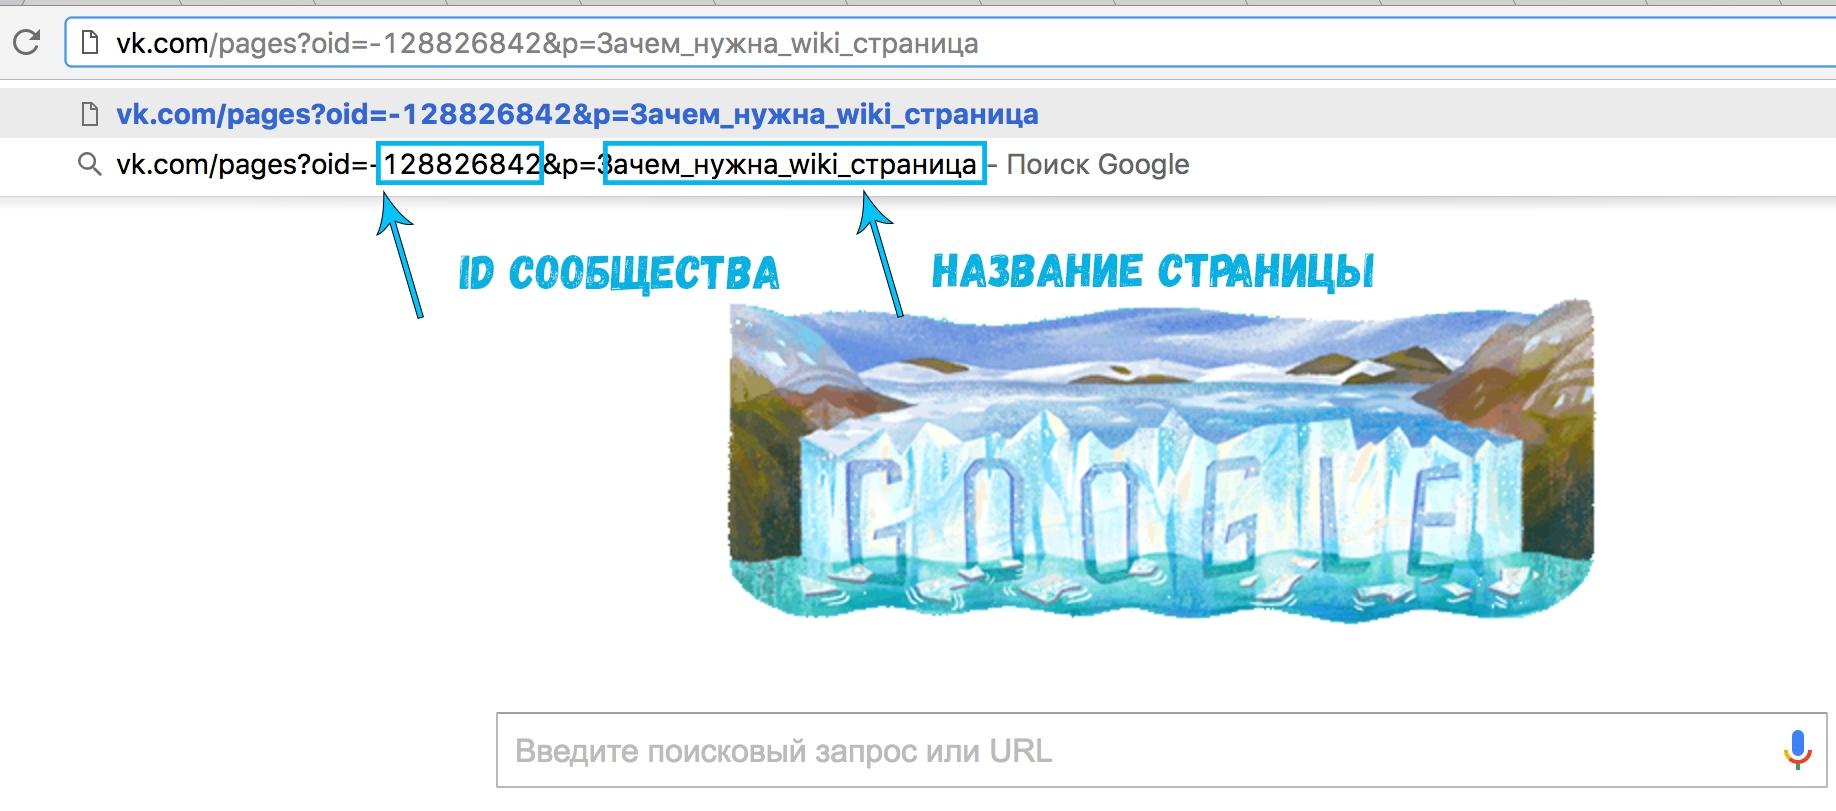 инструкция по созданию wiki страниц вконтакте